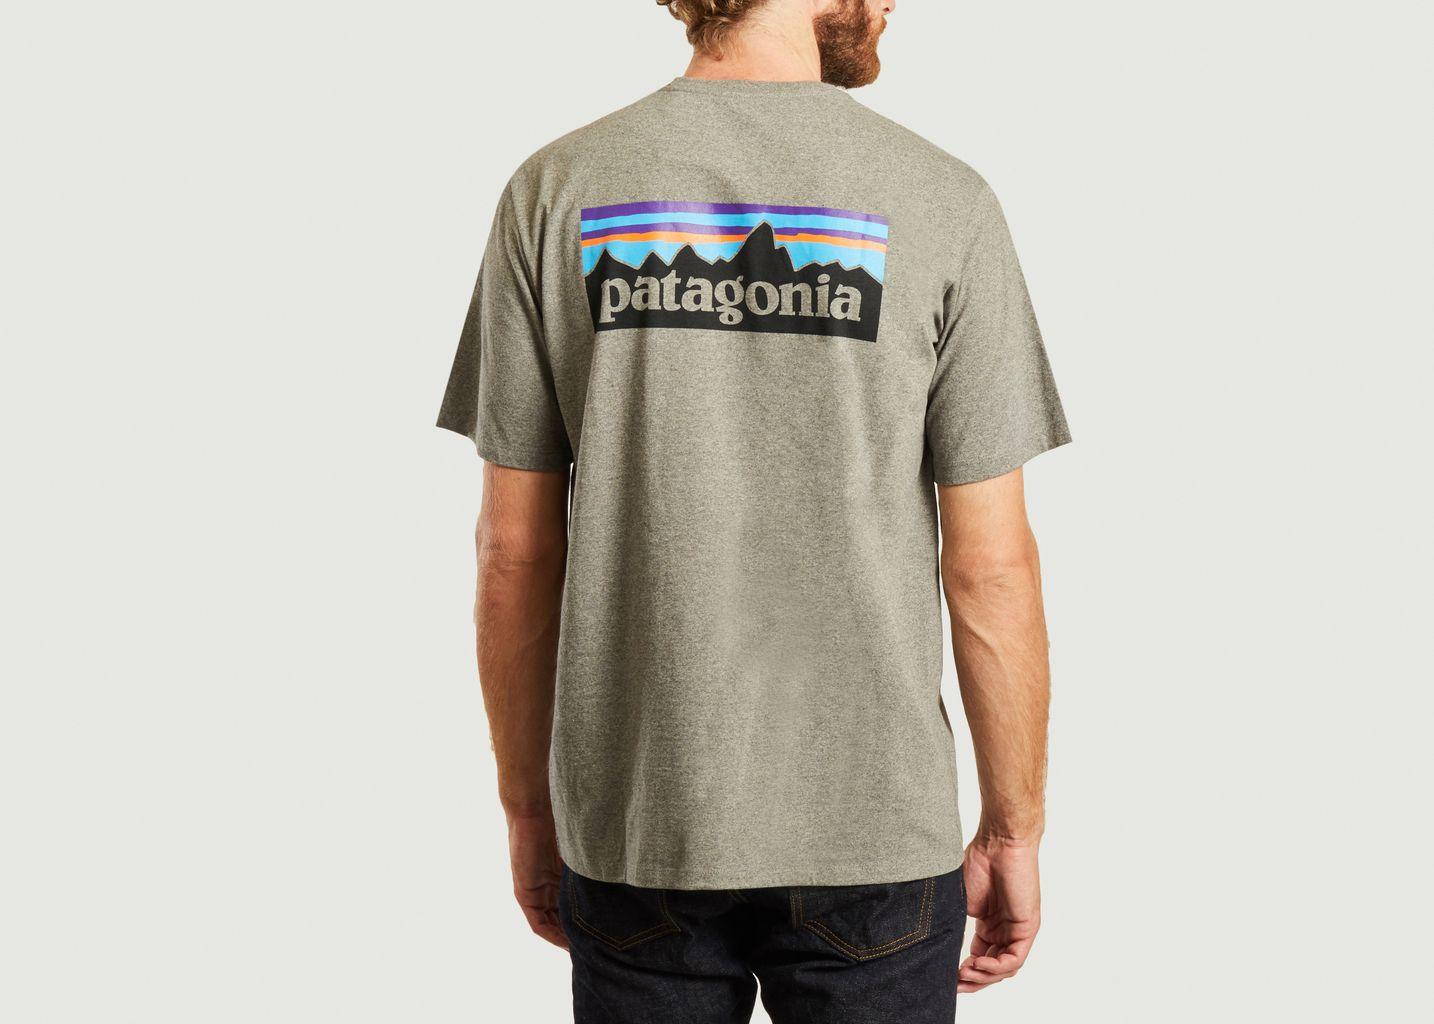 T-shirt P6 logo - Patagonia